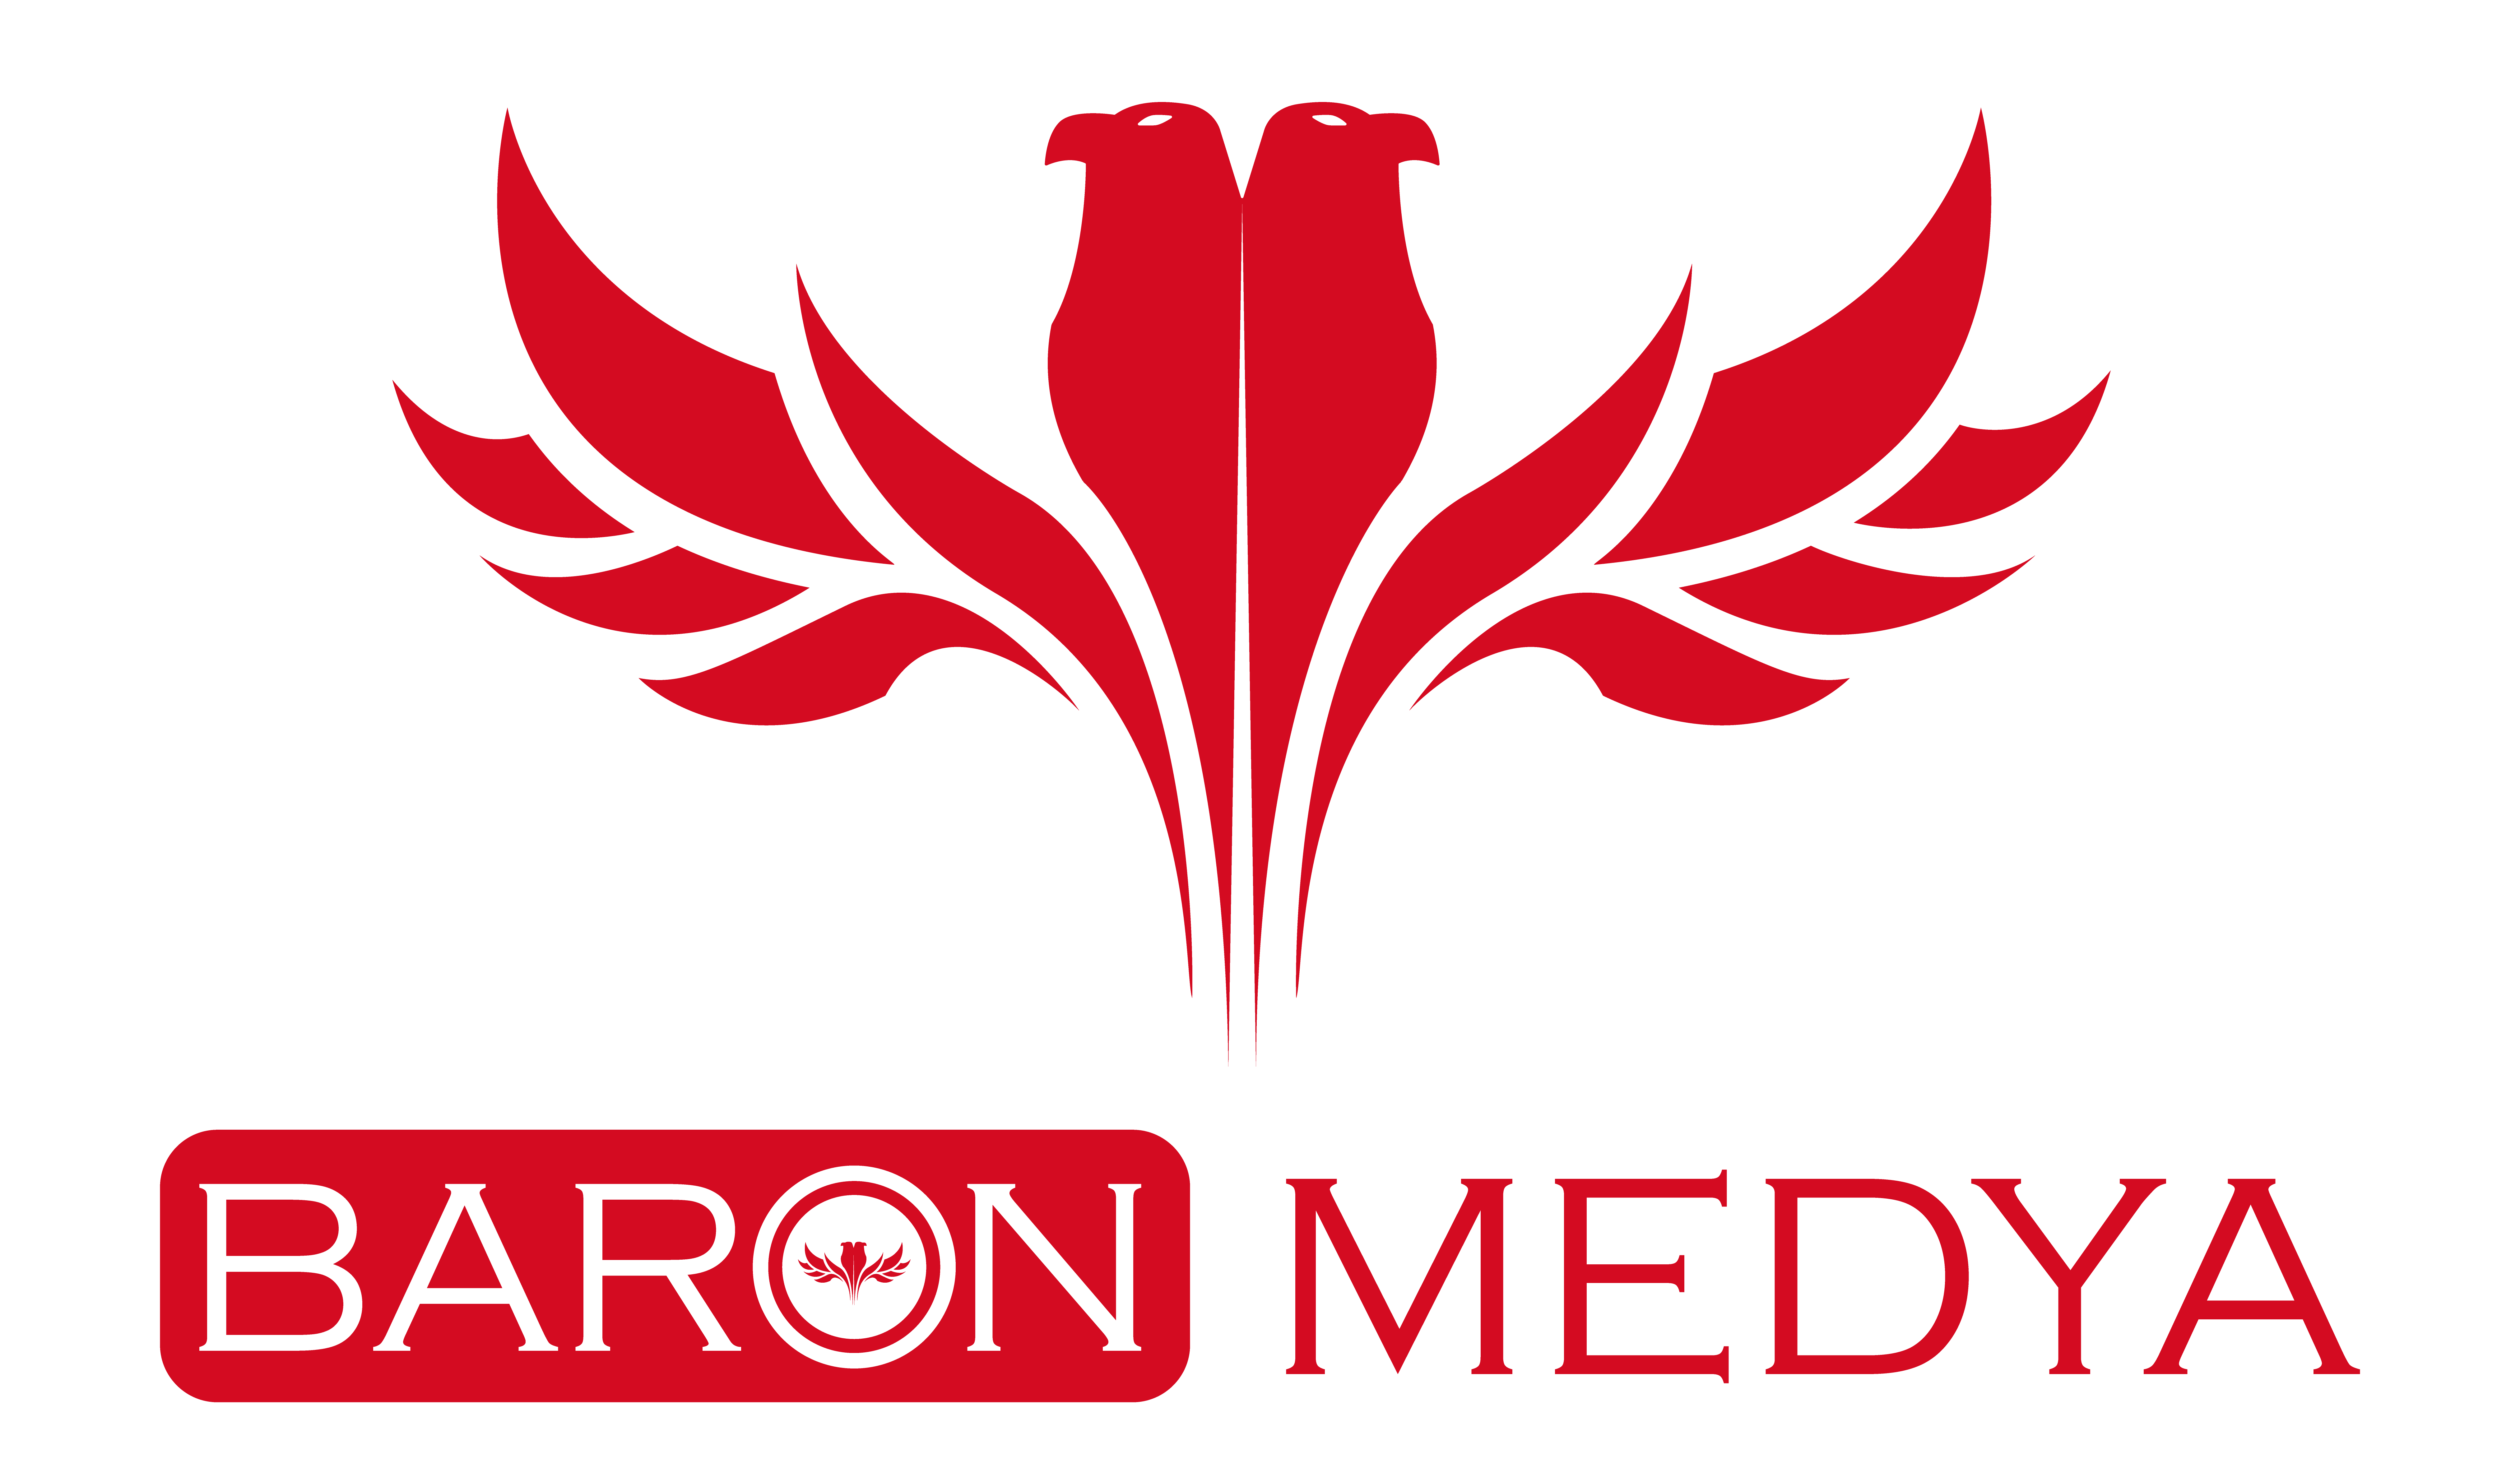 BARON MEDYA